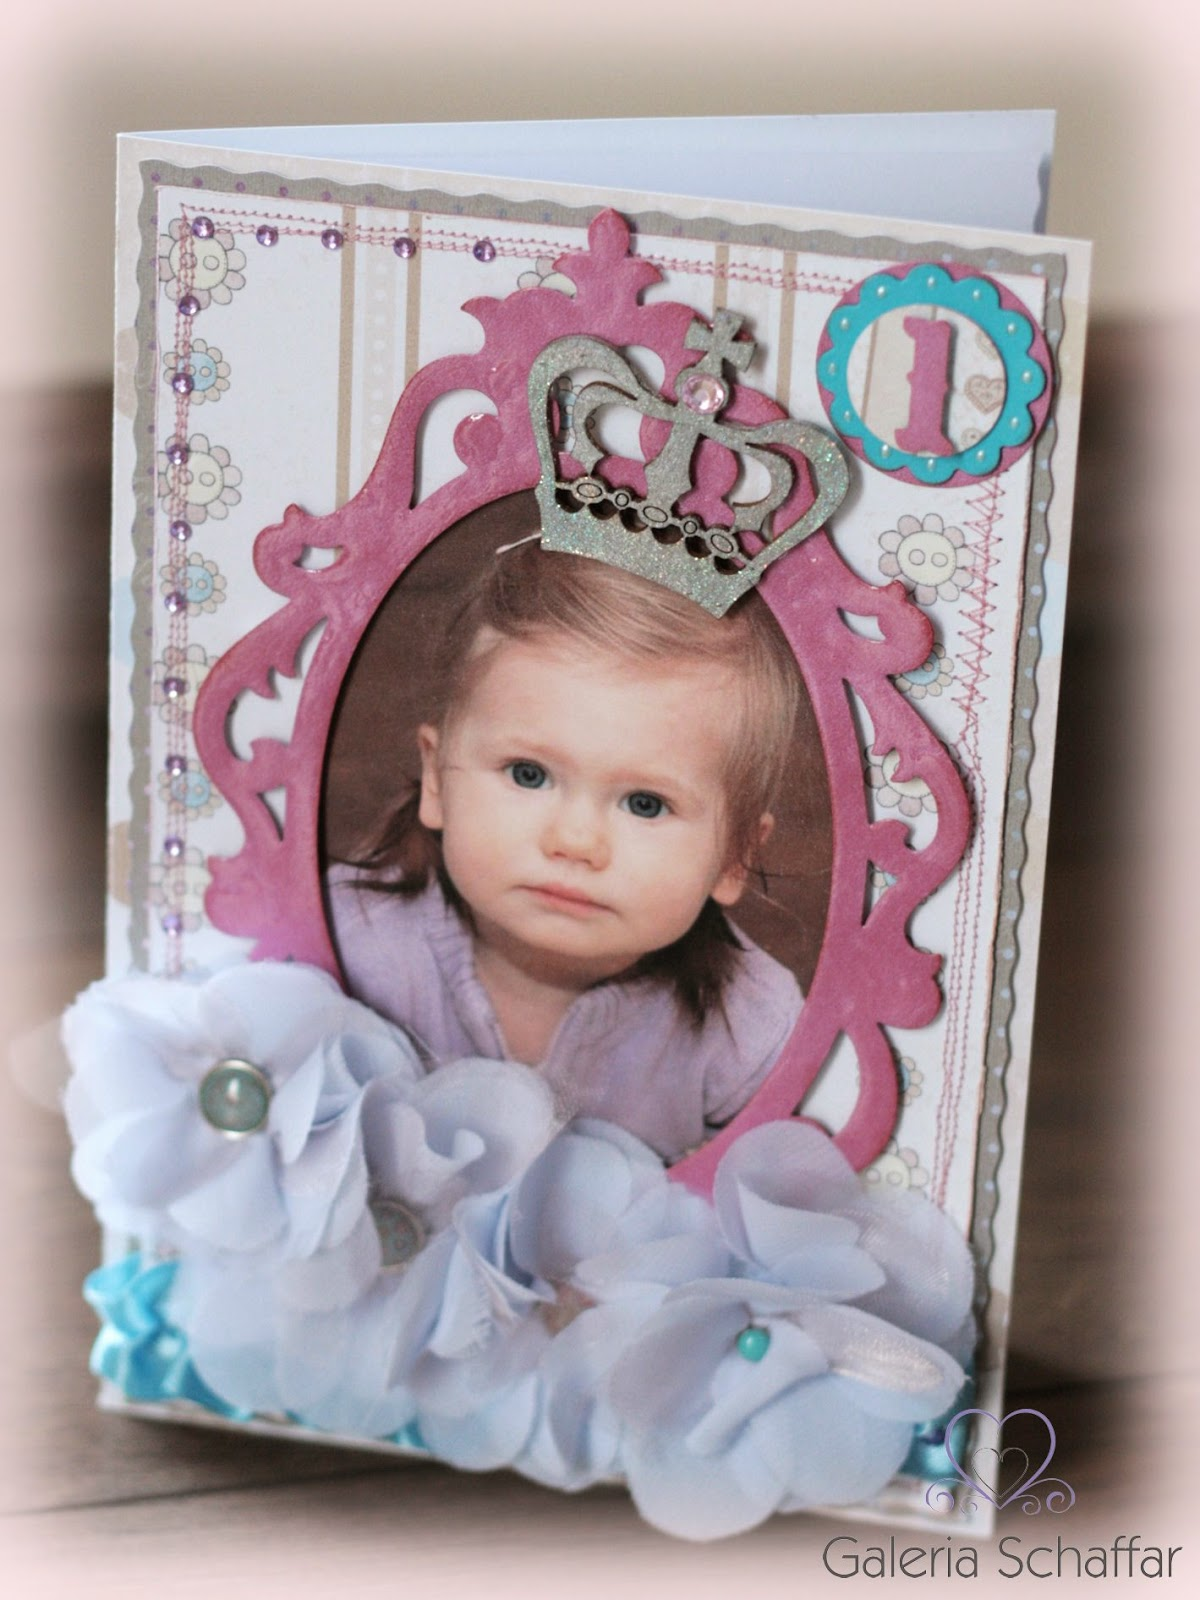 kartka na roczek ze zdjęciem życzenia na zamówienie galeria schaffar rękodzieło papierowe wrocław